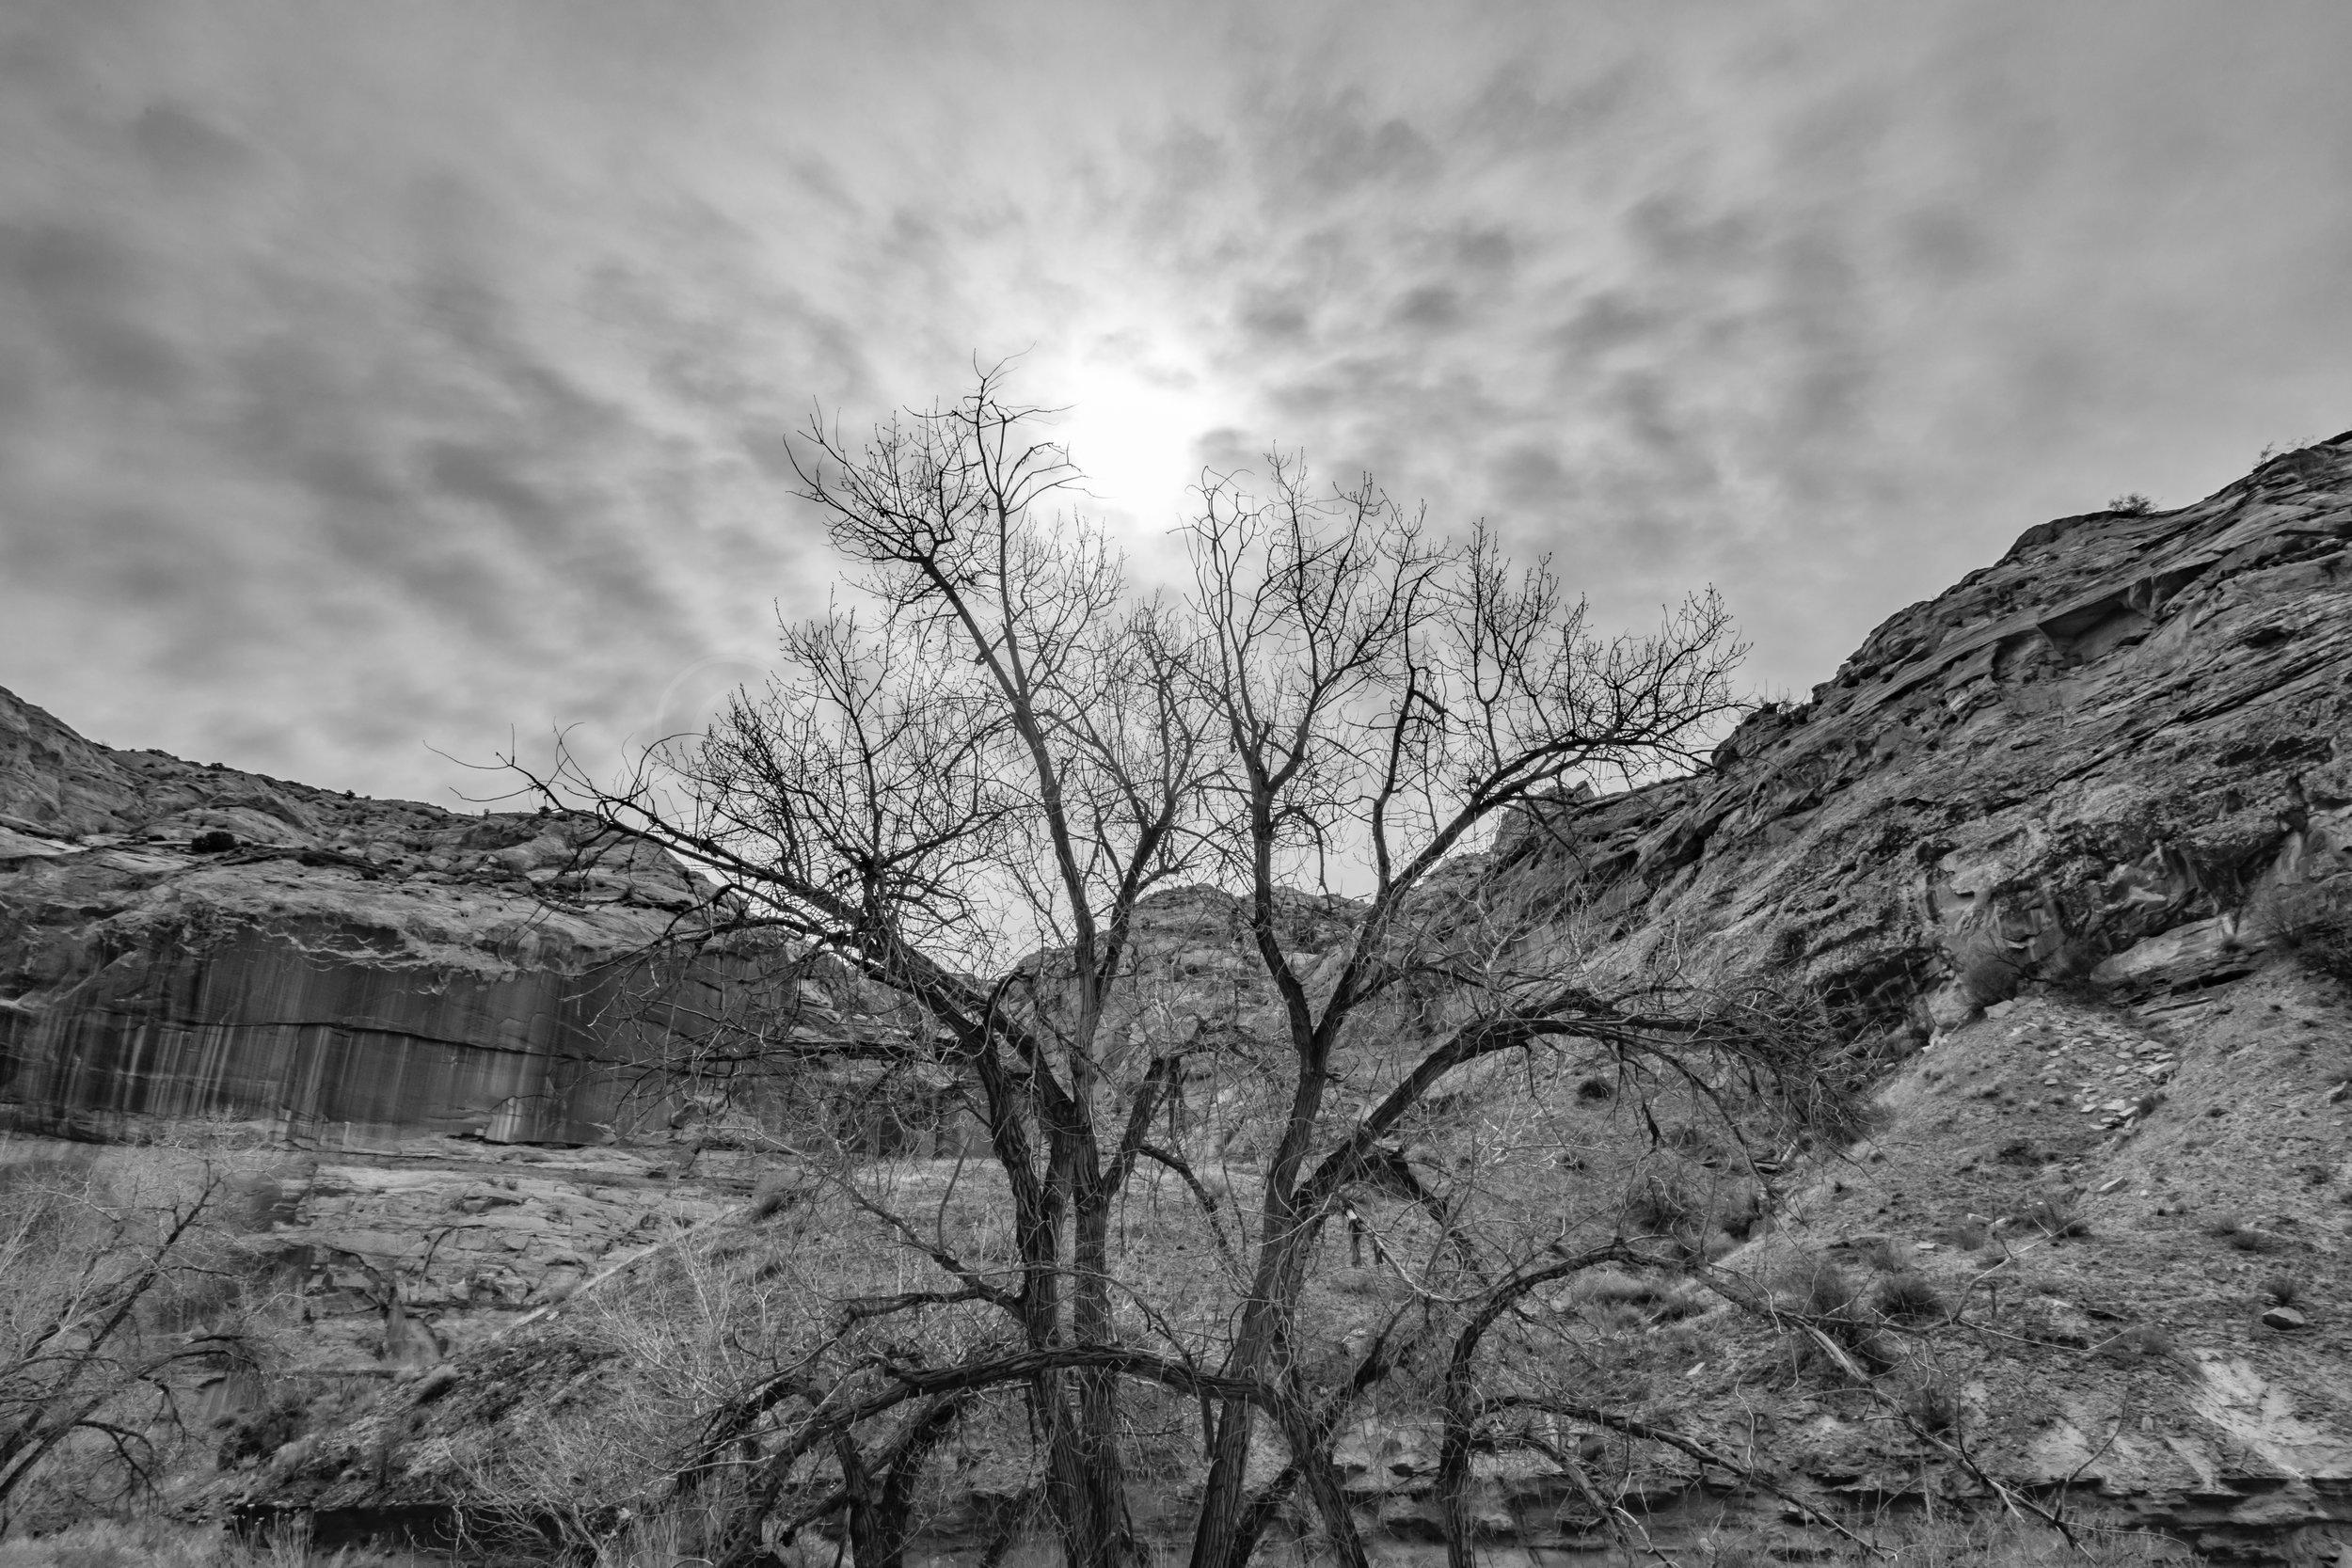 Horseshoe Canyon, Image # 8688